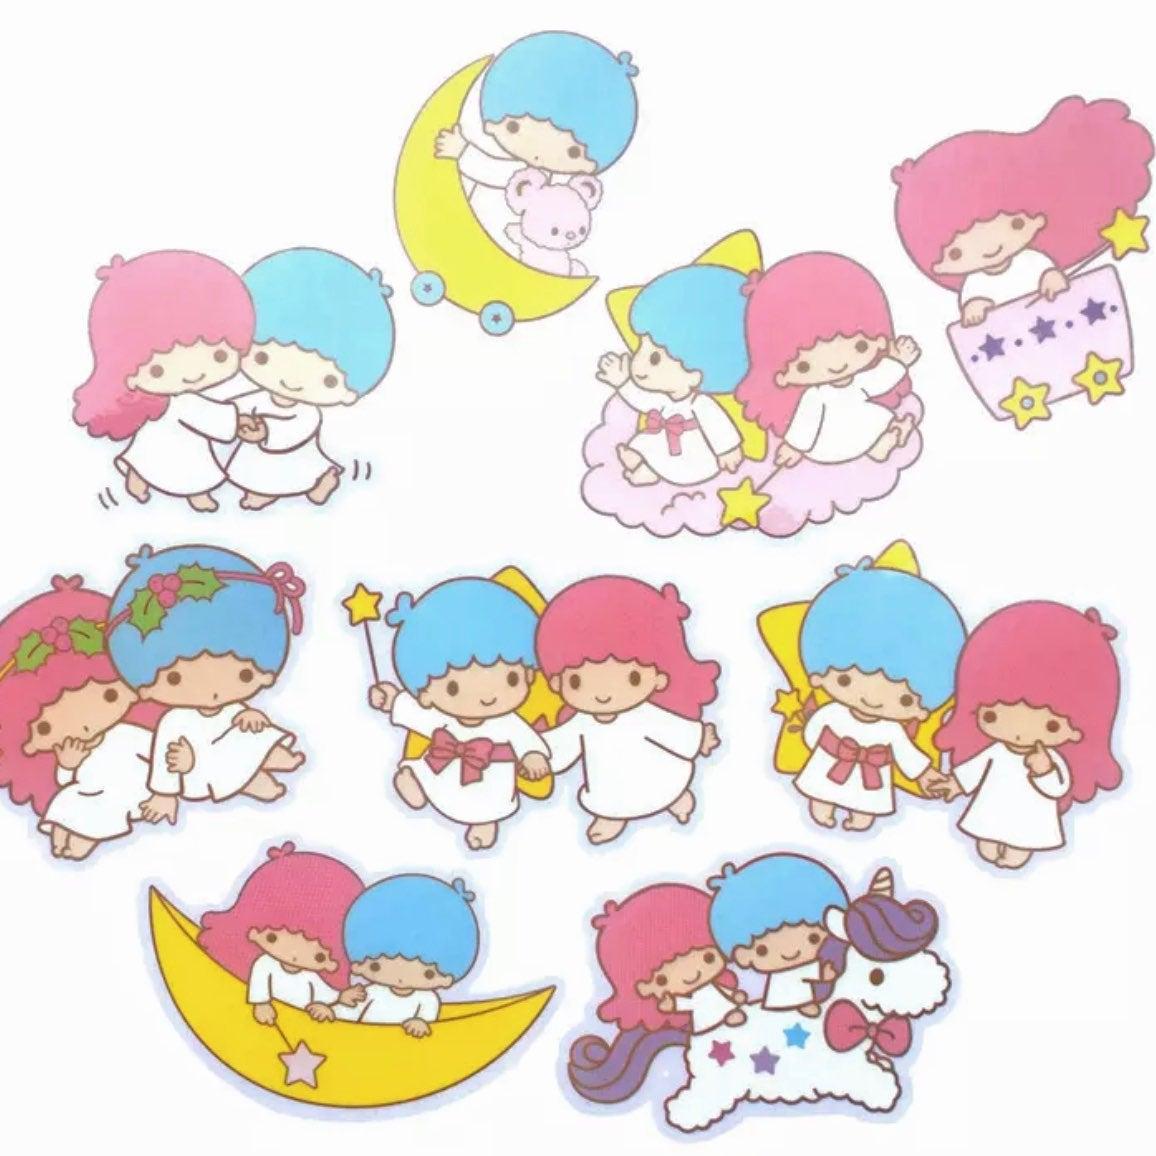 9 Little Twin Stars Waterproof Stickers